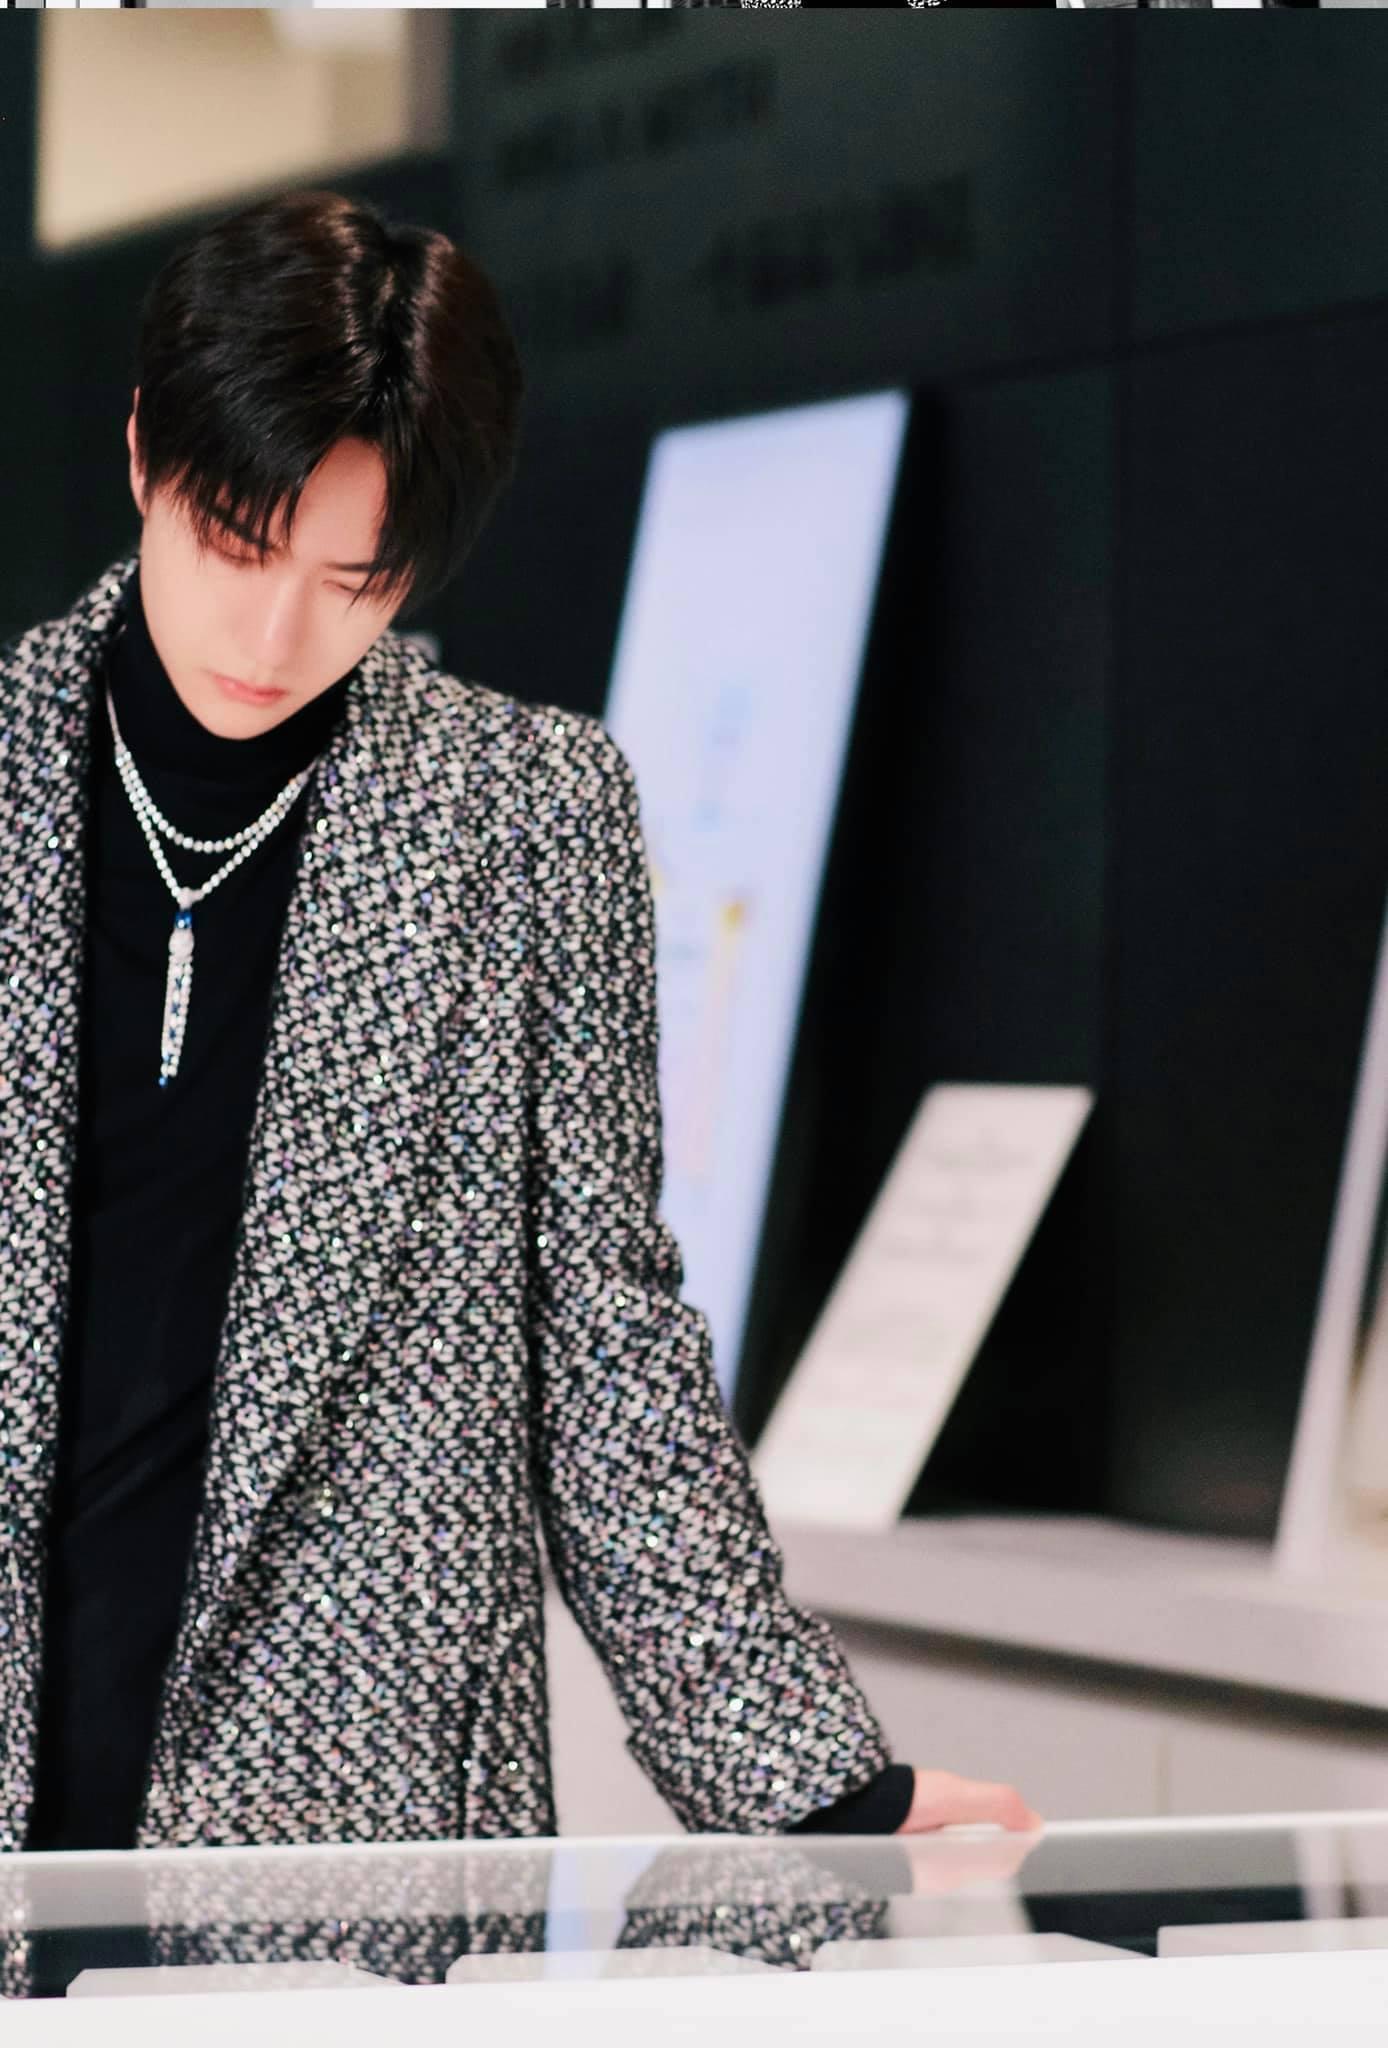 Vương Nhất Bác đẹp 'chấn động bờ hồ' trong loạt ảnh Chanel, không hổ danh 'chàng thơ' Châu Á 1